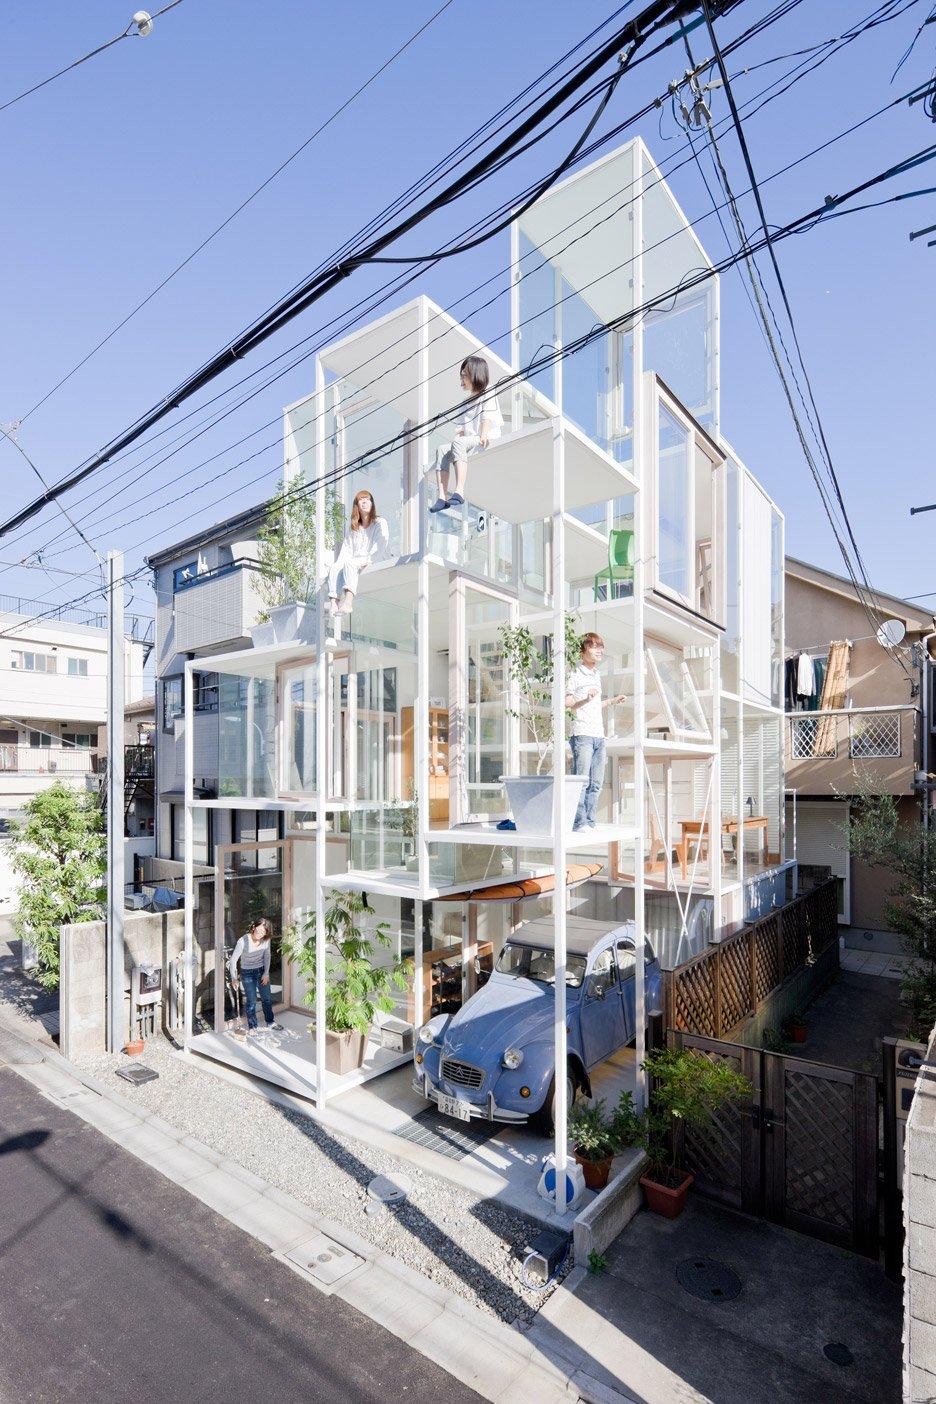 House NA, Tokyo, Japan by Sou Fujimoto, 2007–2011